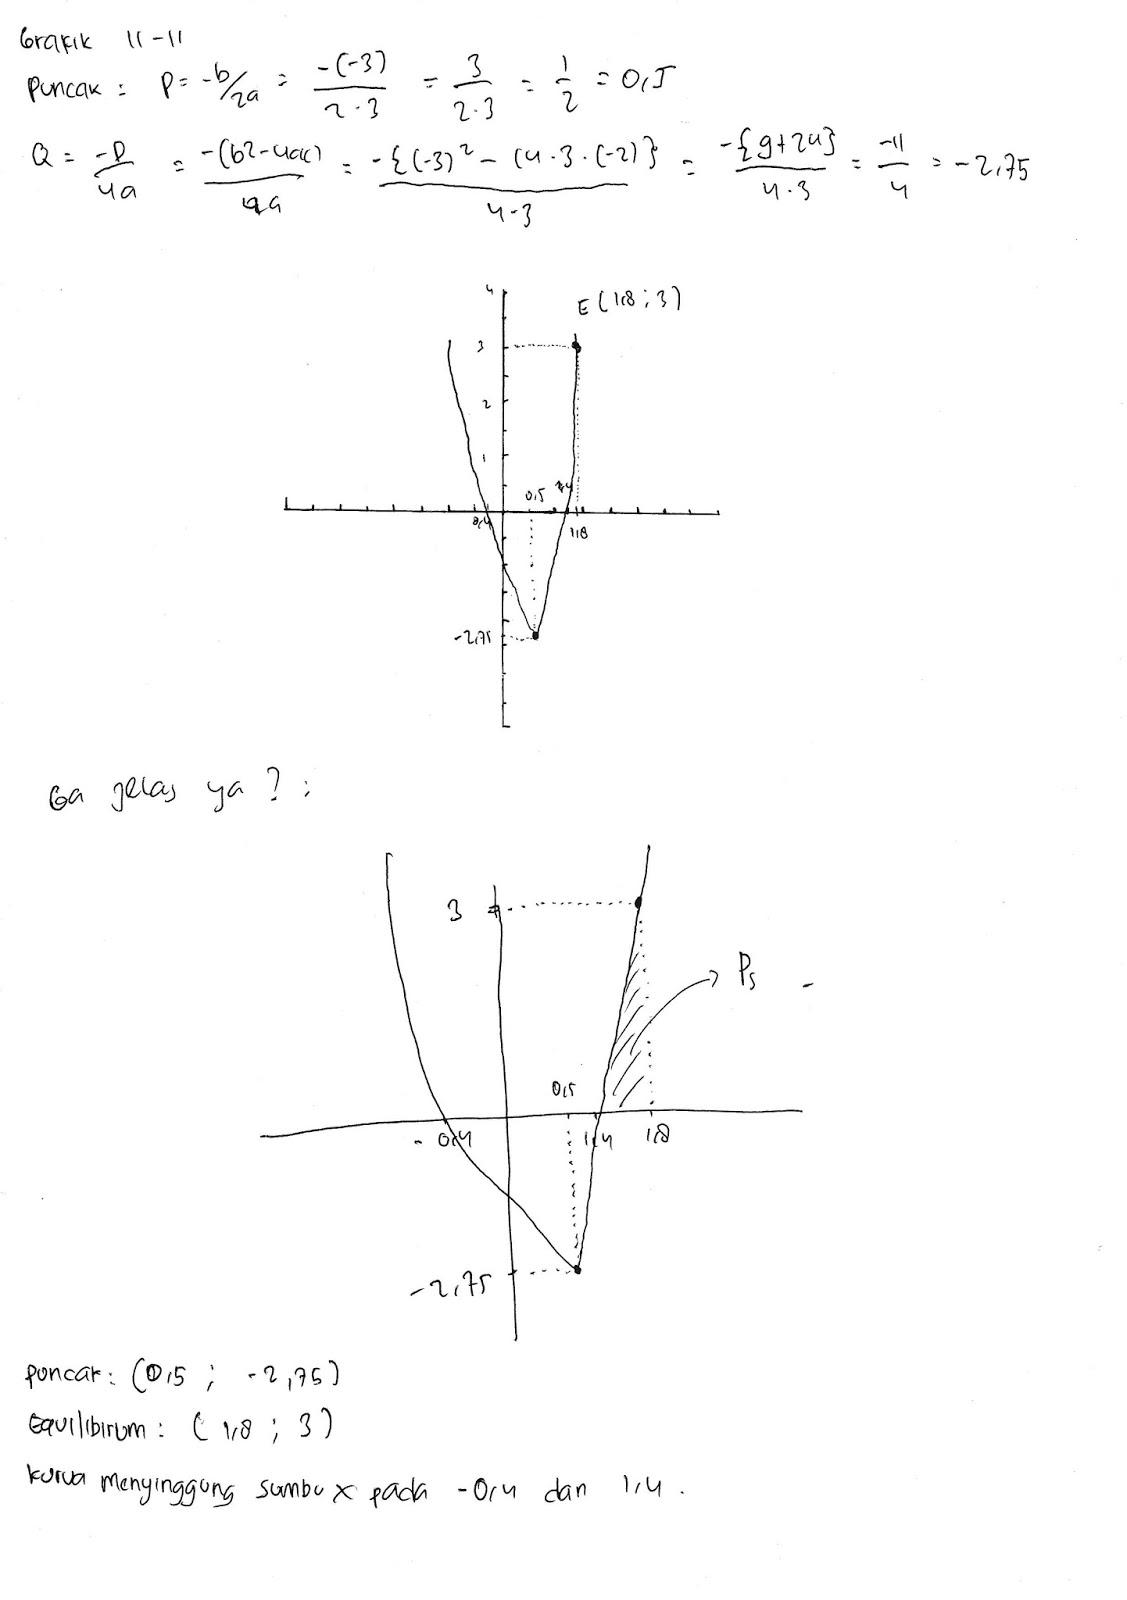 Titrasi pembentukan kompleks dikaji pada bab viii, sedangkan. View Kunci Jawaban Buku Statistika Nata Wirawan Edisi Keempat Png Wallpaper